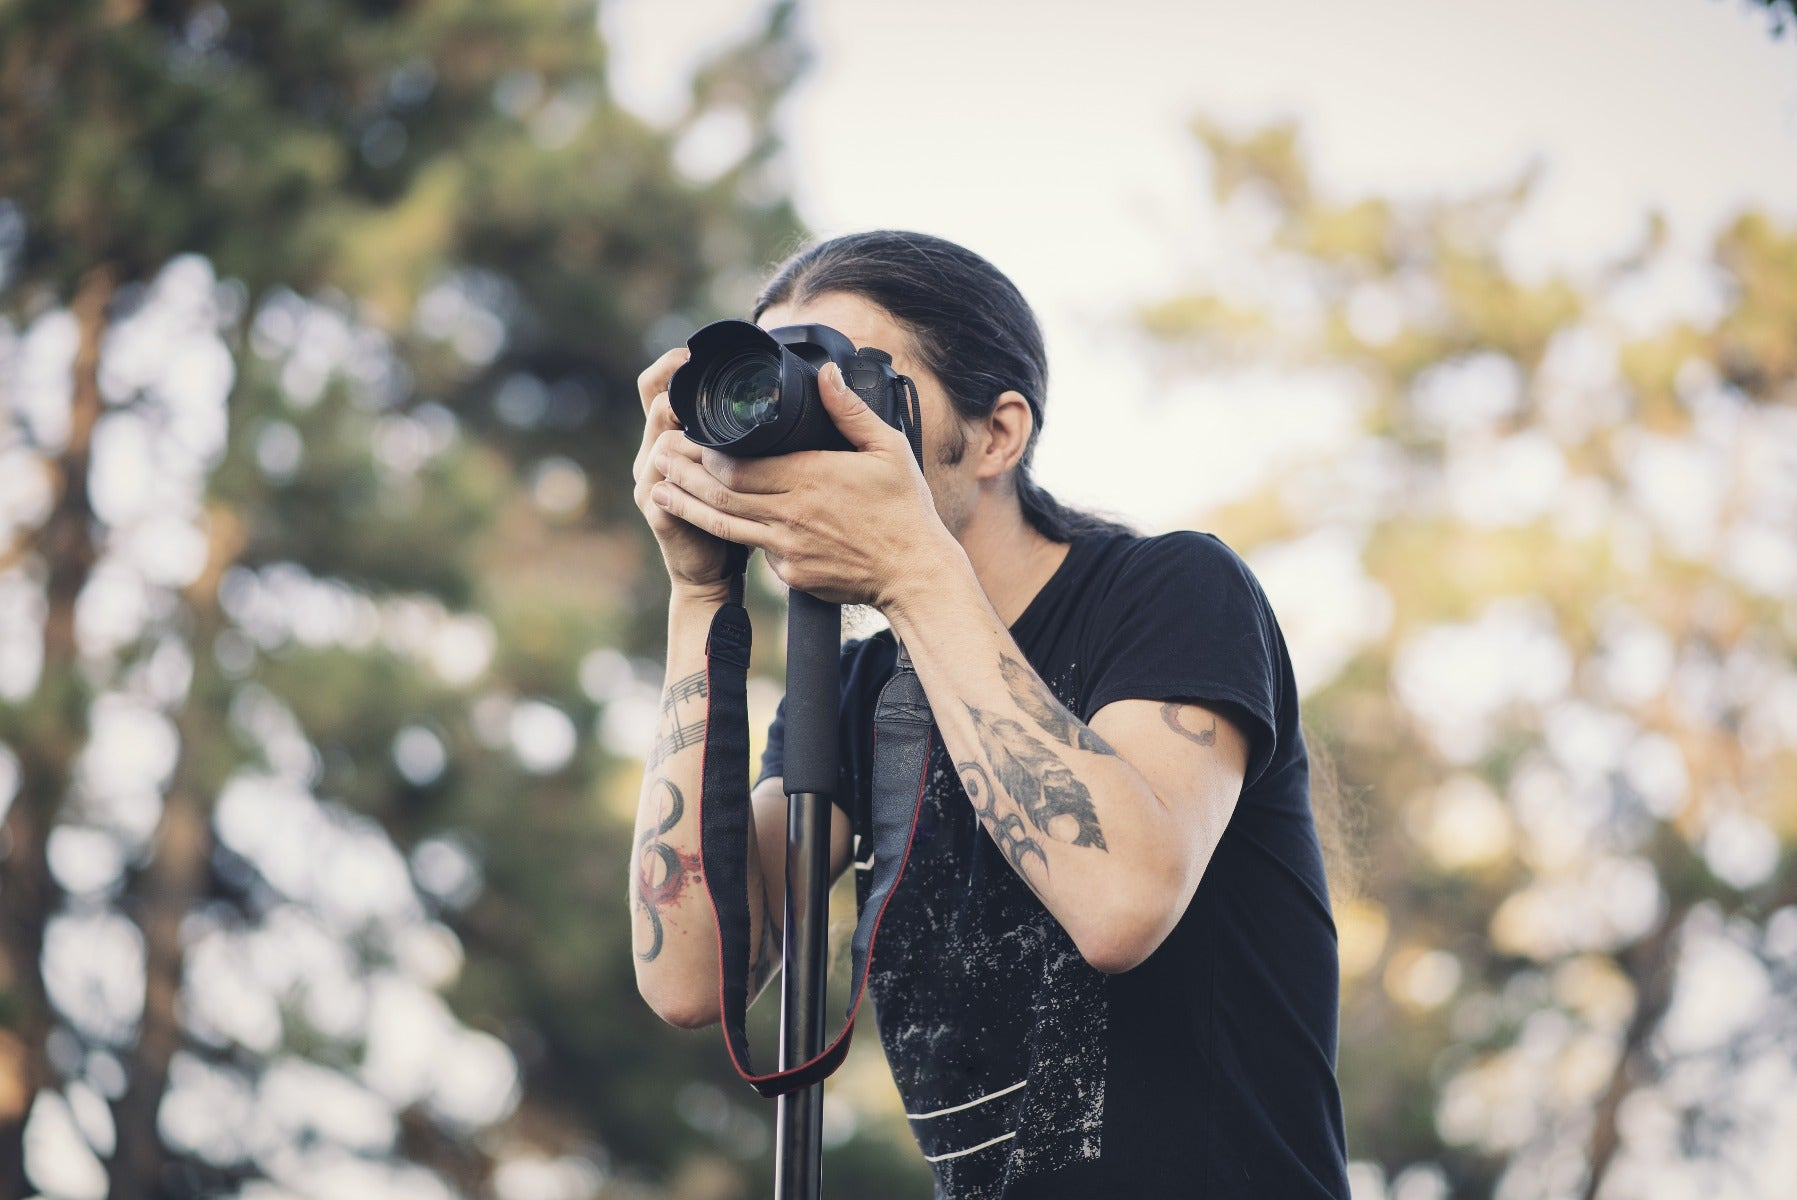 Man using a camera monopod